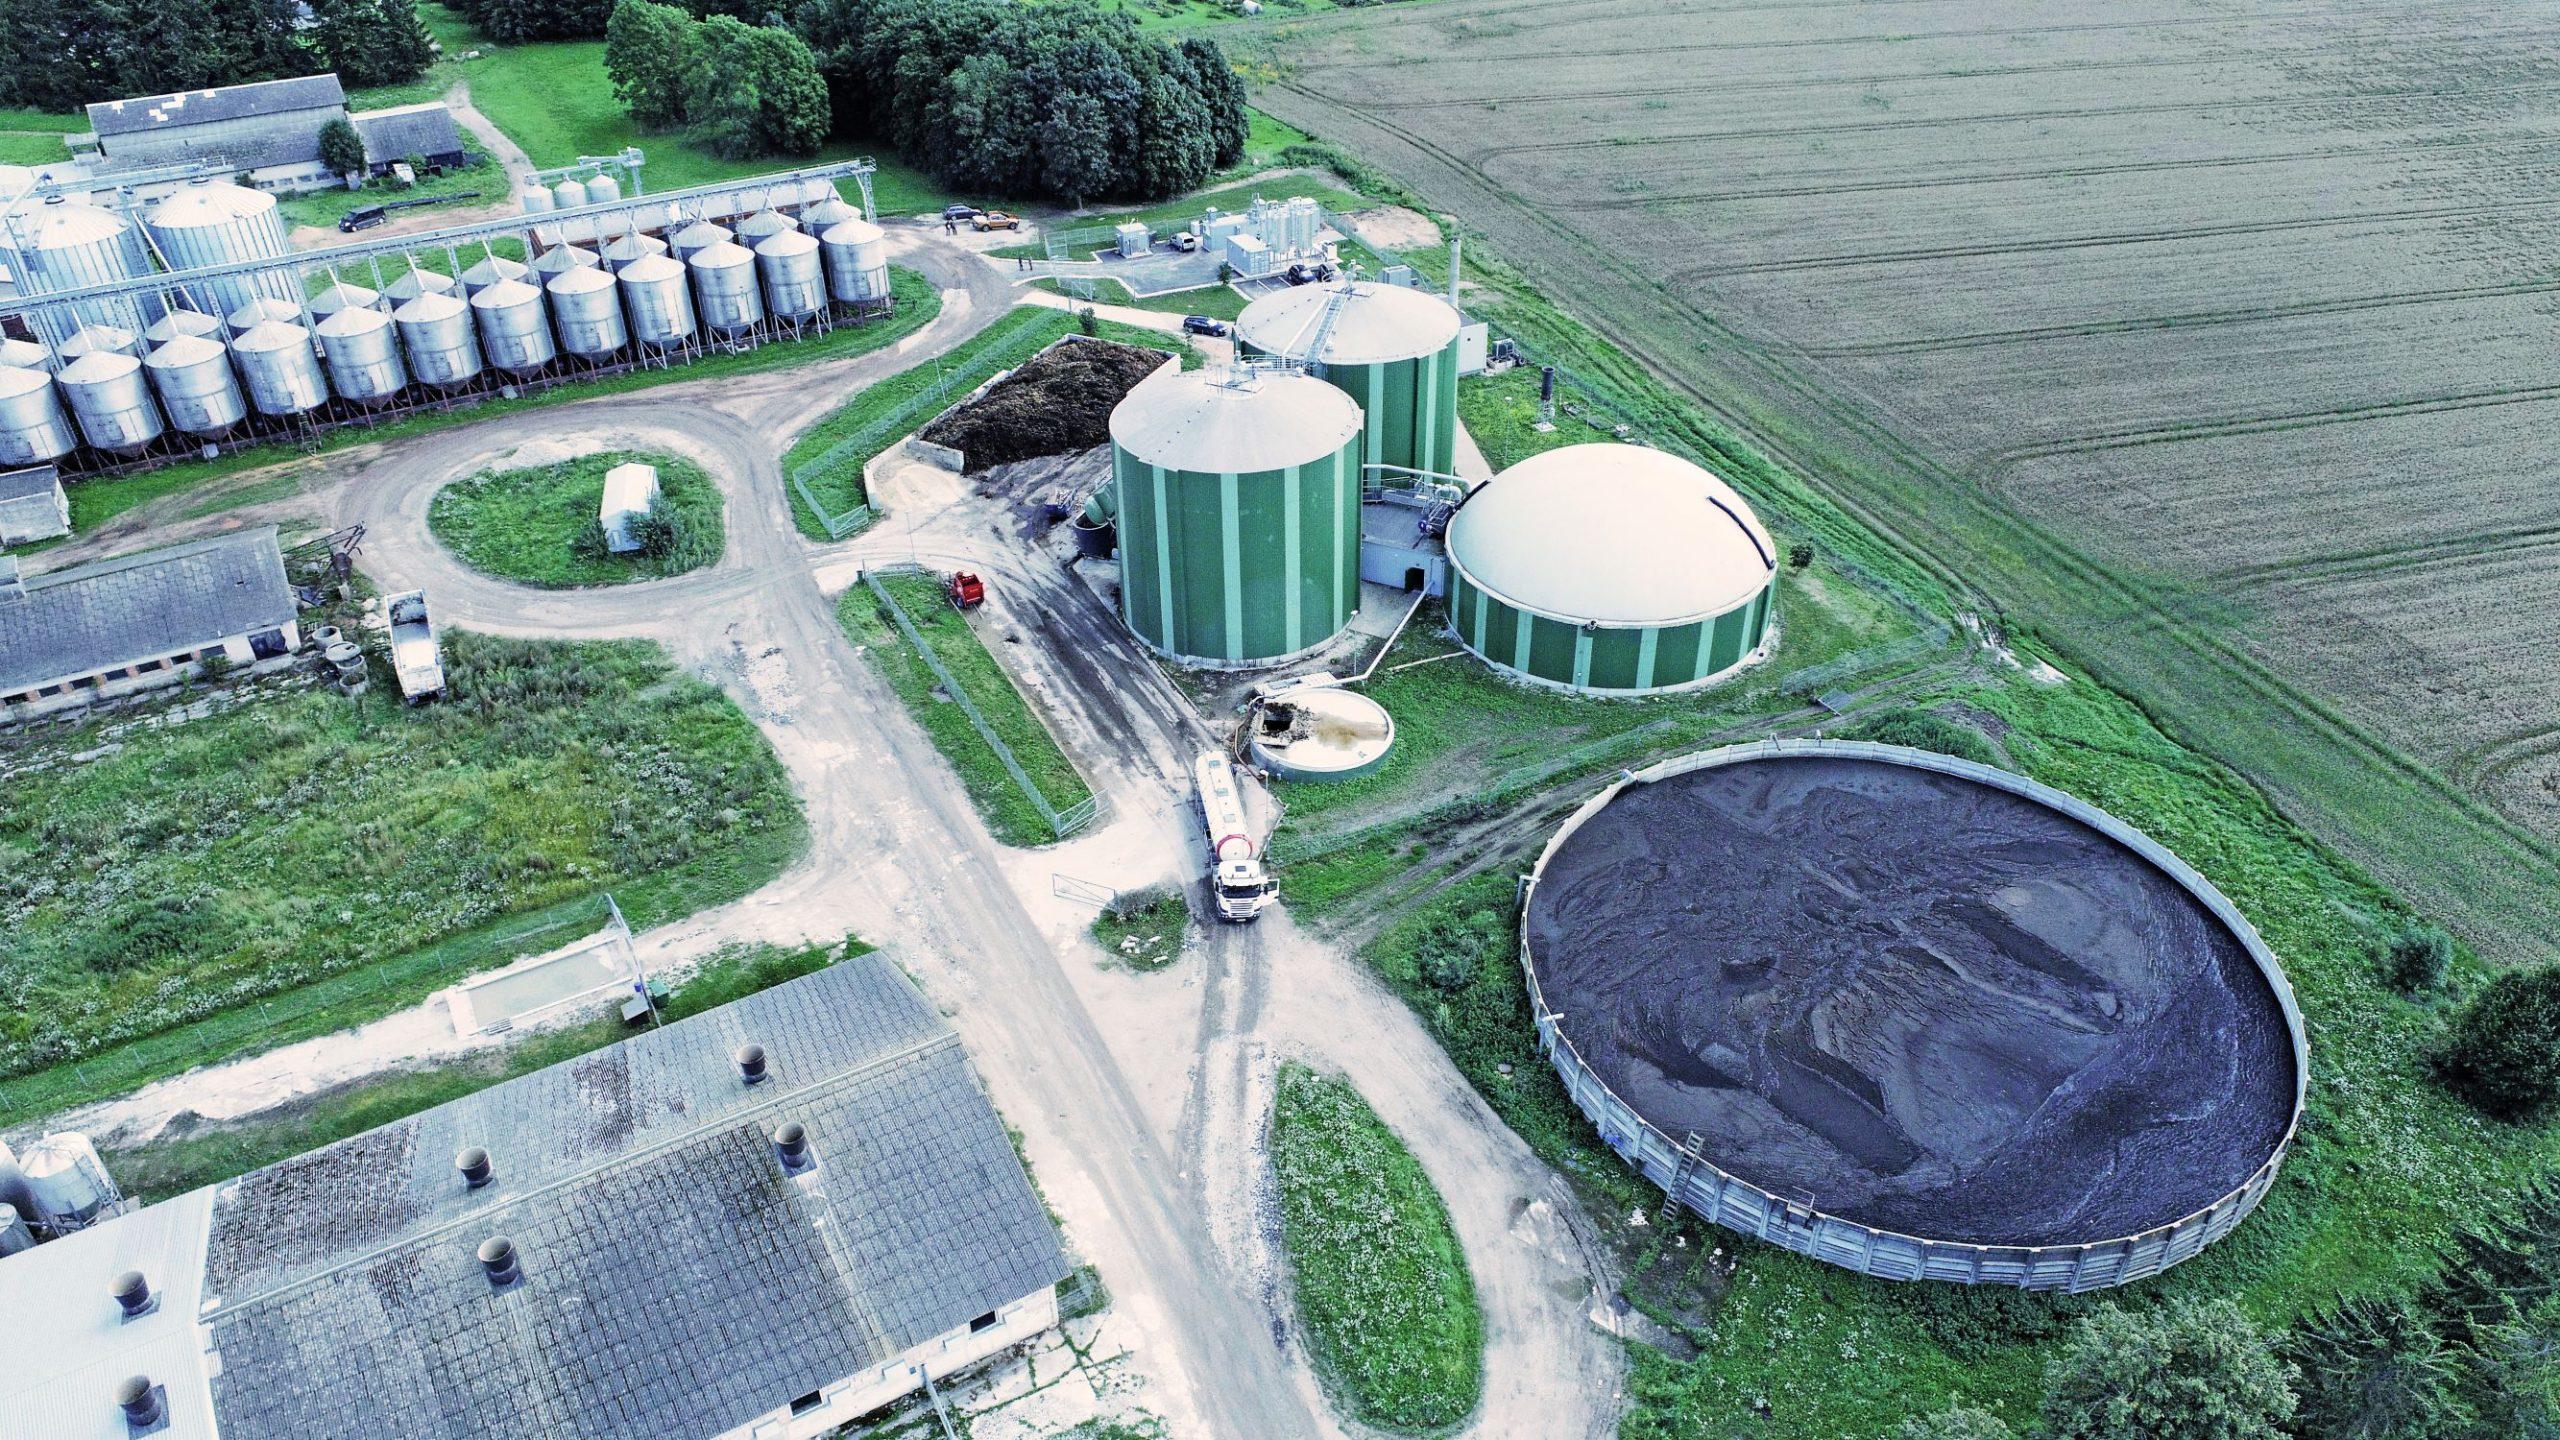 Rohegaasi tootmine Ilmatsalus